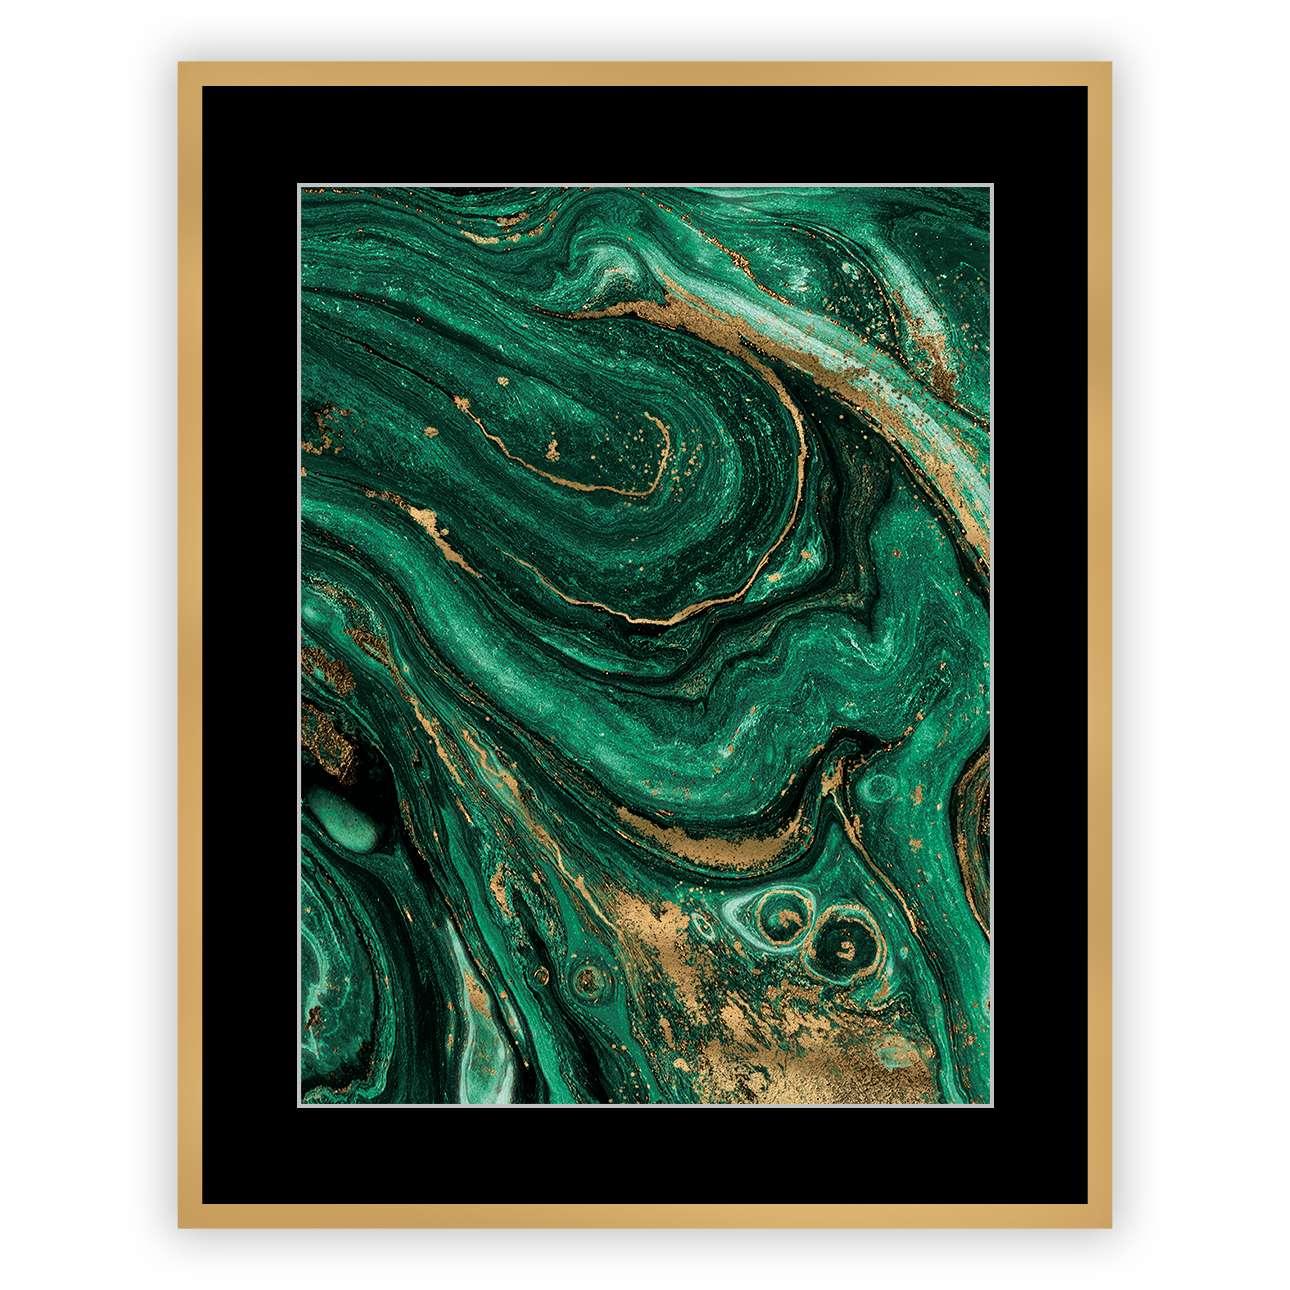 Bild Abstract Green&Gold II 40 x 50cm, 40 x 50cm | Dekoration > Bilder und Rahmen | Dekoria